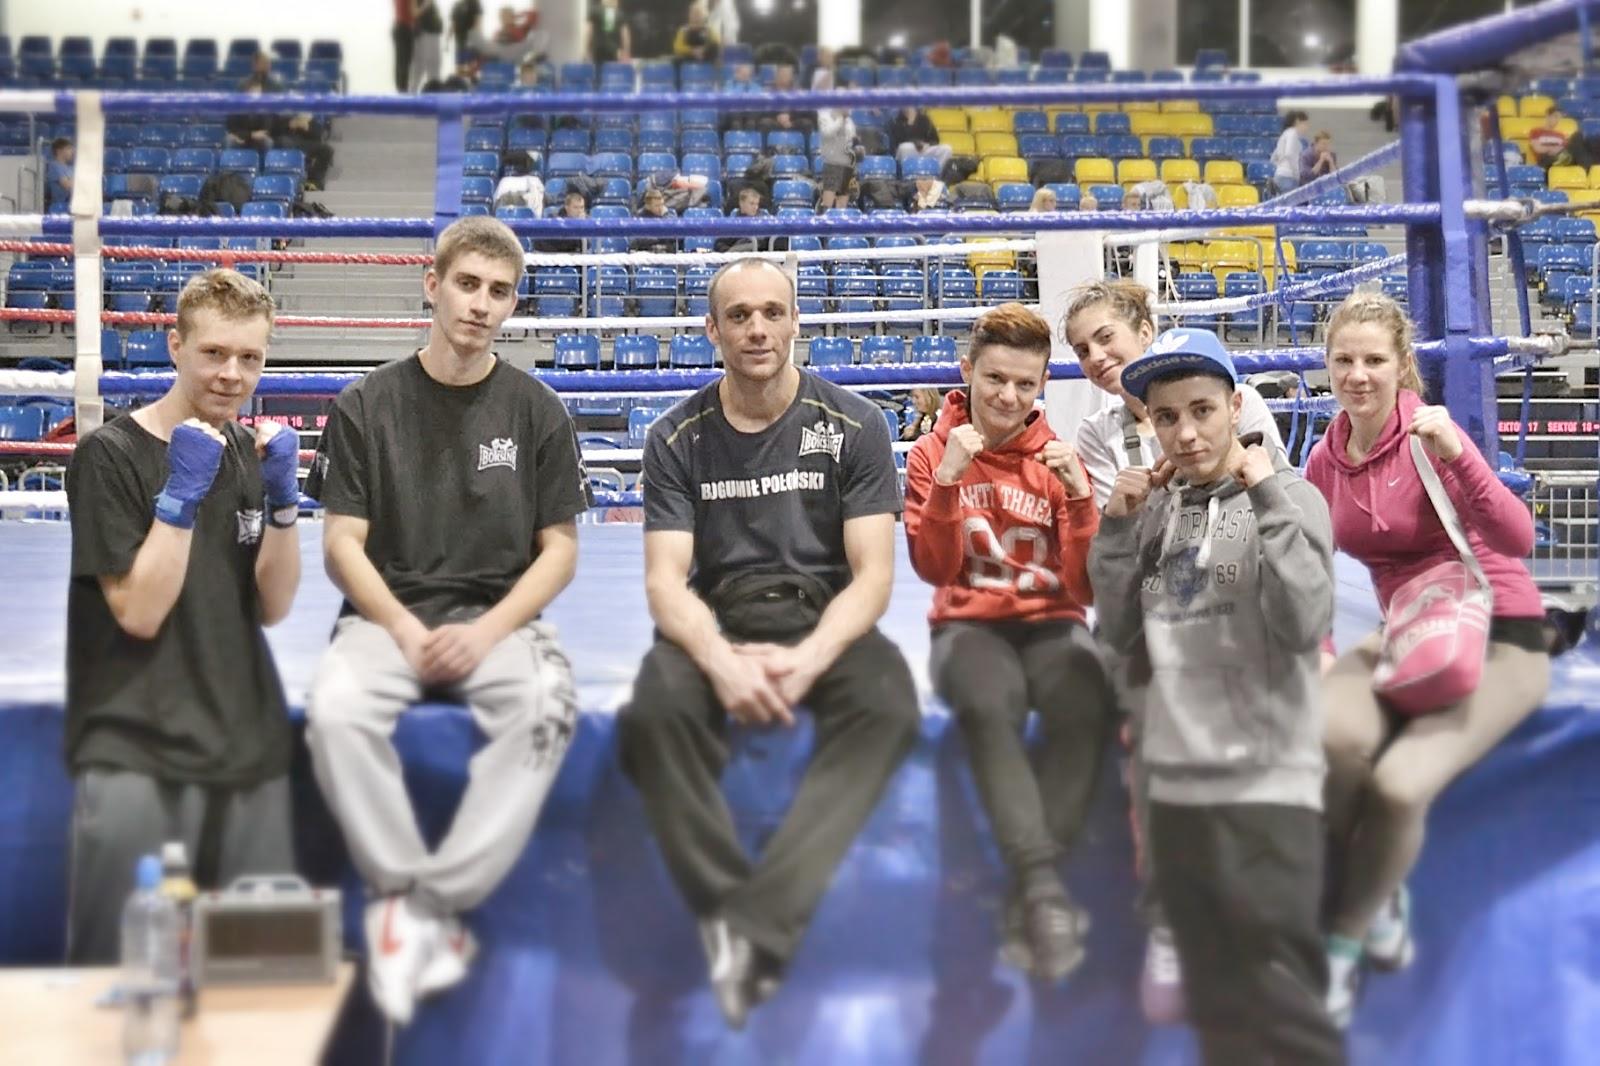 2014 r., Bełchatów, Boś, Gleisner, Groberski, Kacieja, kickboxing, Mistrzostwa Polski Low Kick, Rychlikowski, sport, treningi, wyjazdy, zawody sportowe